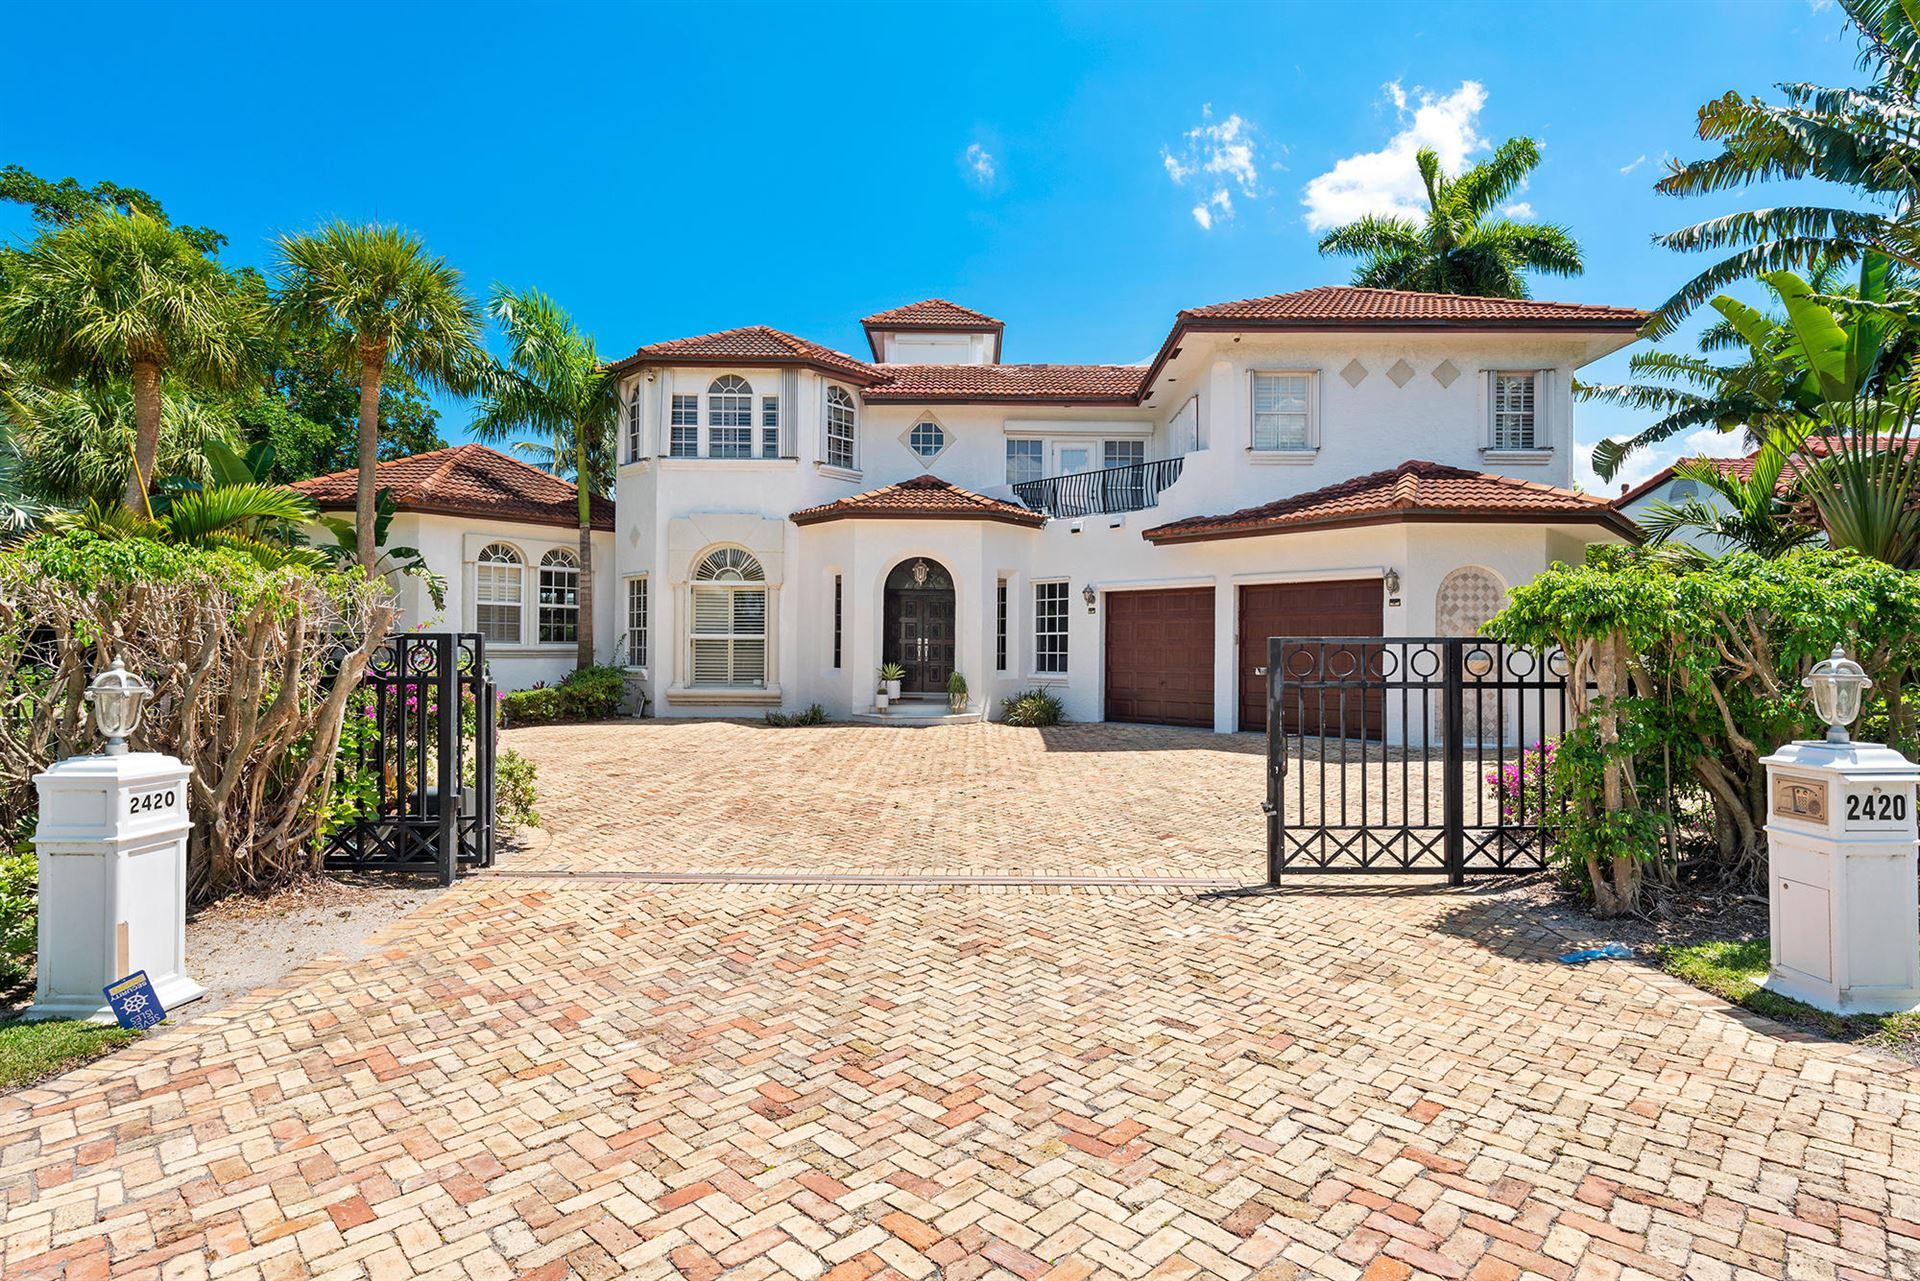 2420 Sea Island Drive, Fort Lauderdale, FL 33301 - MLS#: RX-10715071